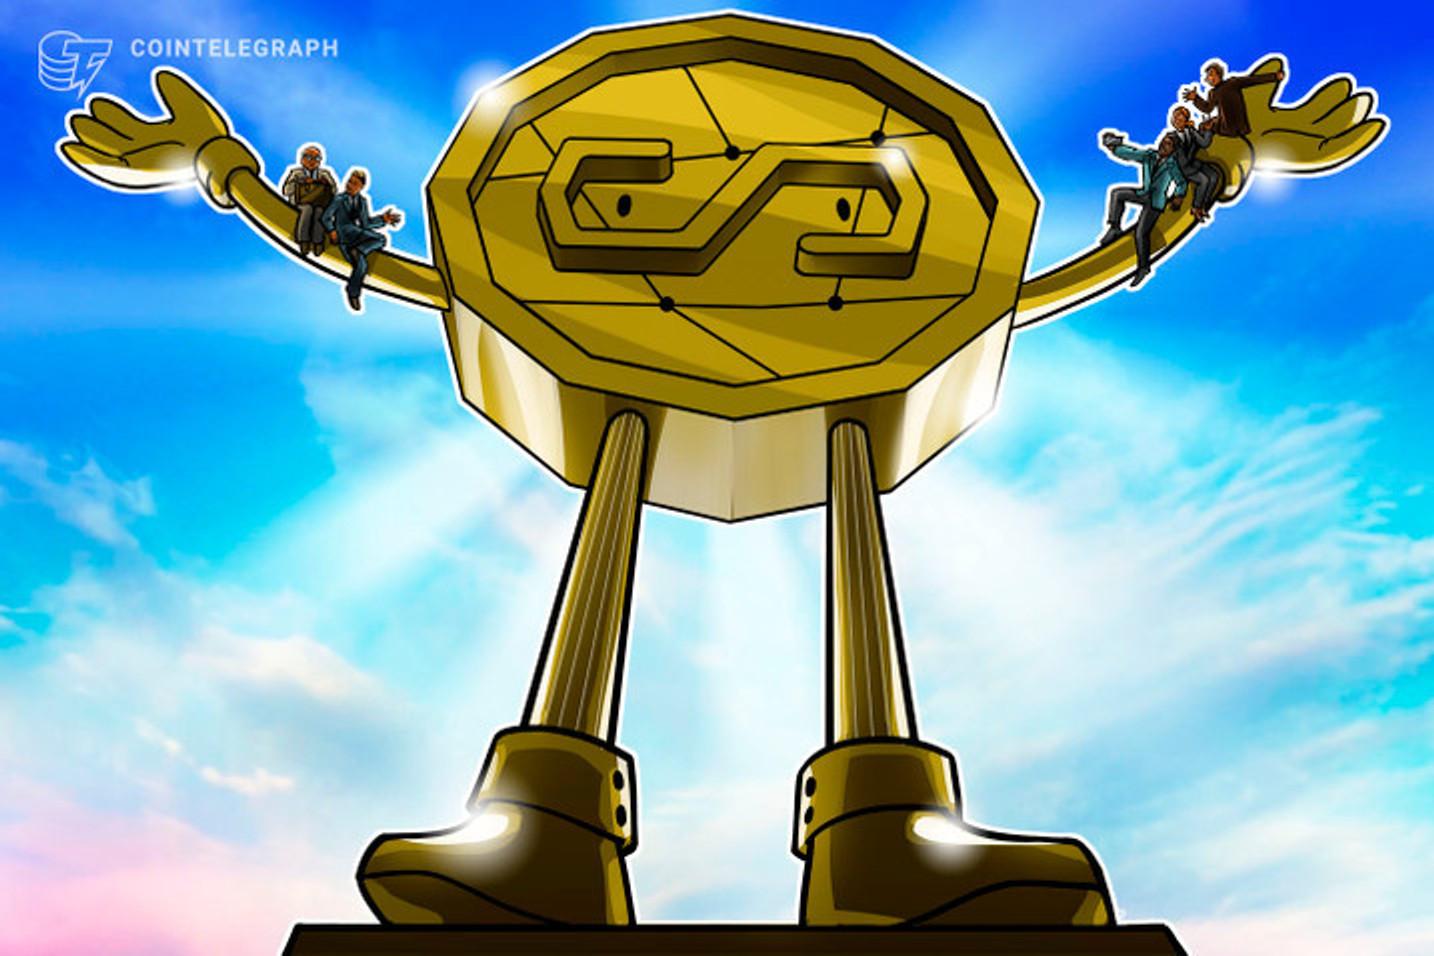 Brasil ganha mais um fundo multimercado com criptomoedas aprovado pela CVM